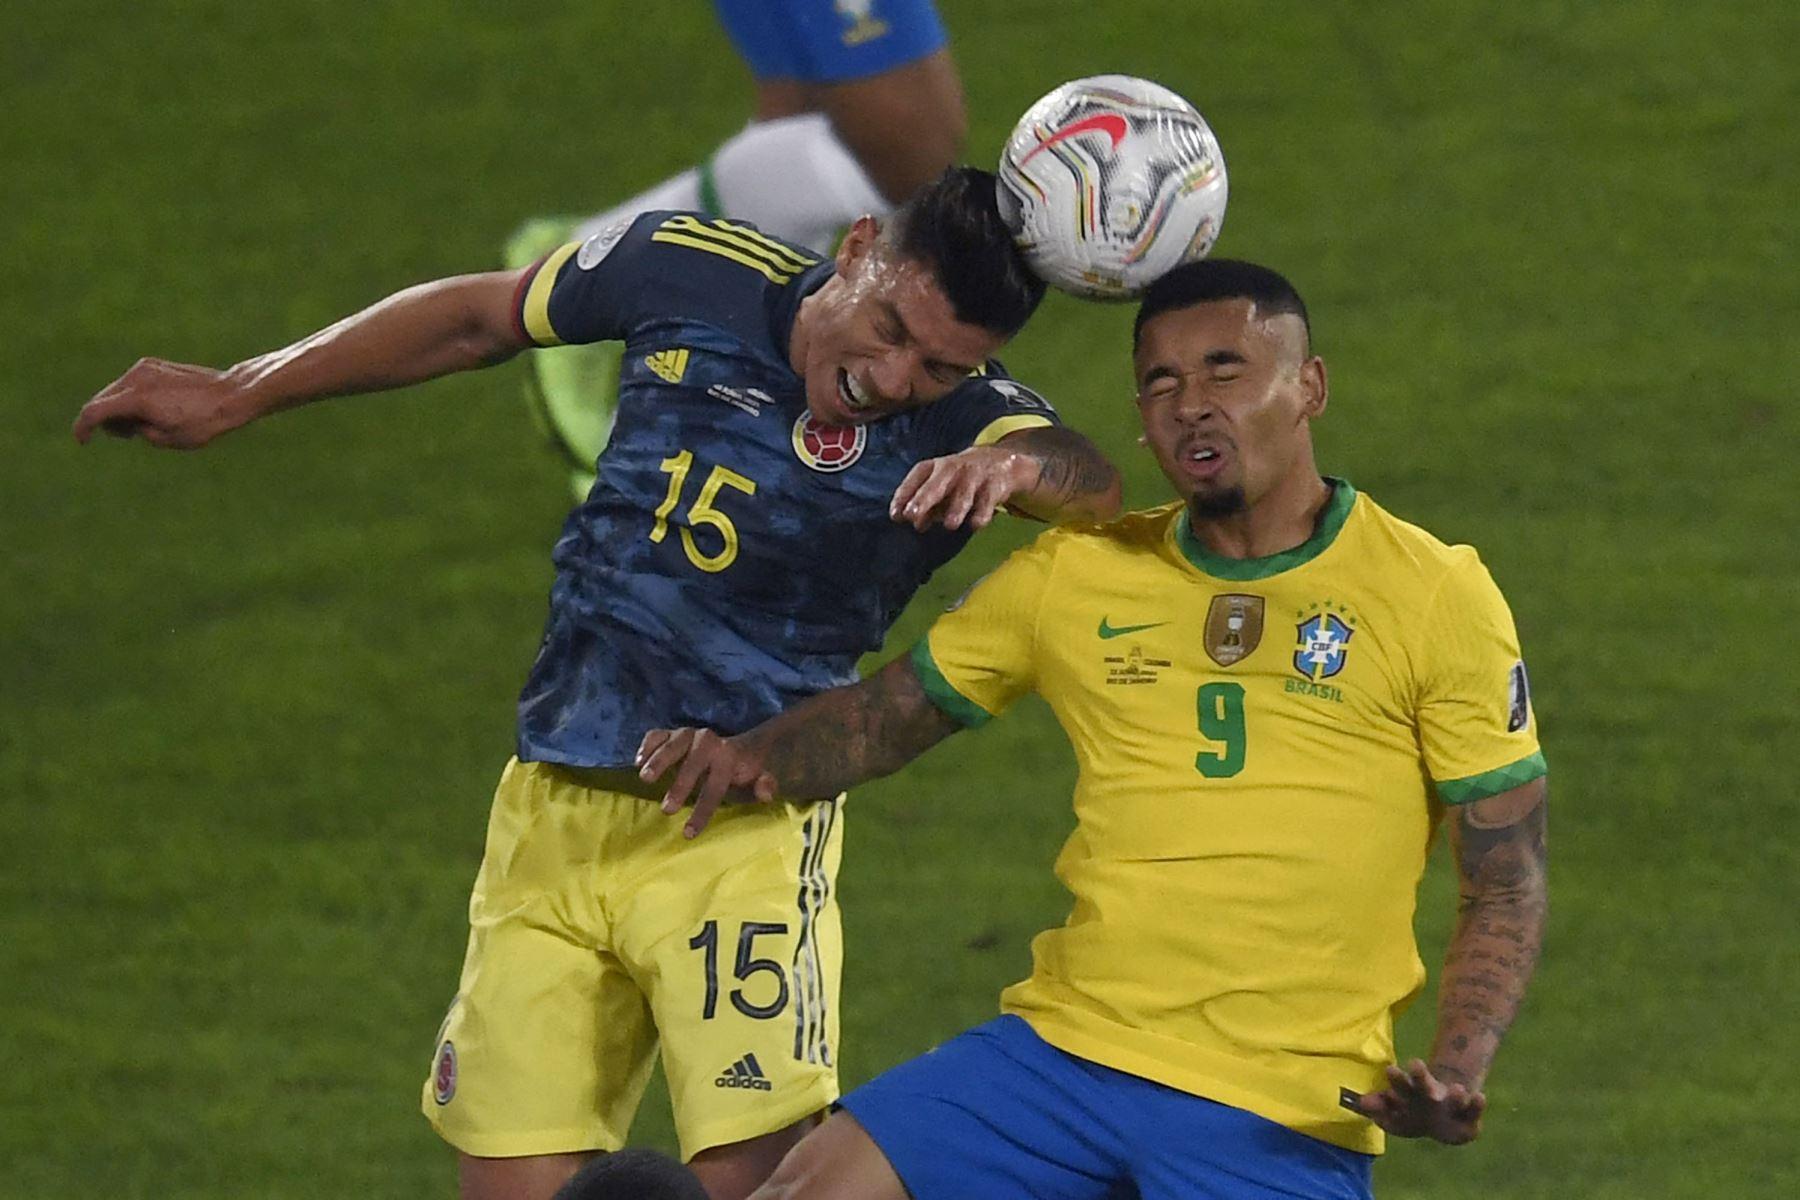 El colombiano Mateus Uribe y el brasileño Gabriel Jesus compiten por el balón durante el partido de la fase de grupos del torneo de fútbol Conmebol Copa América 2021 en el estadio Nilton Santos de Río de Janeiro, Brasil. Foto: AFP